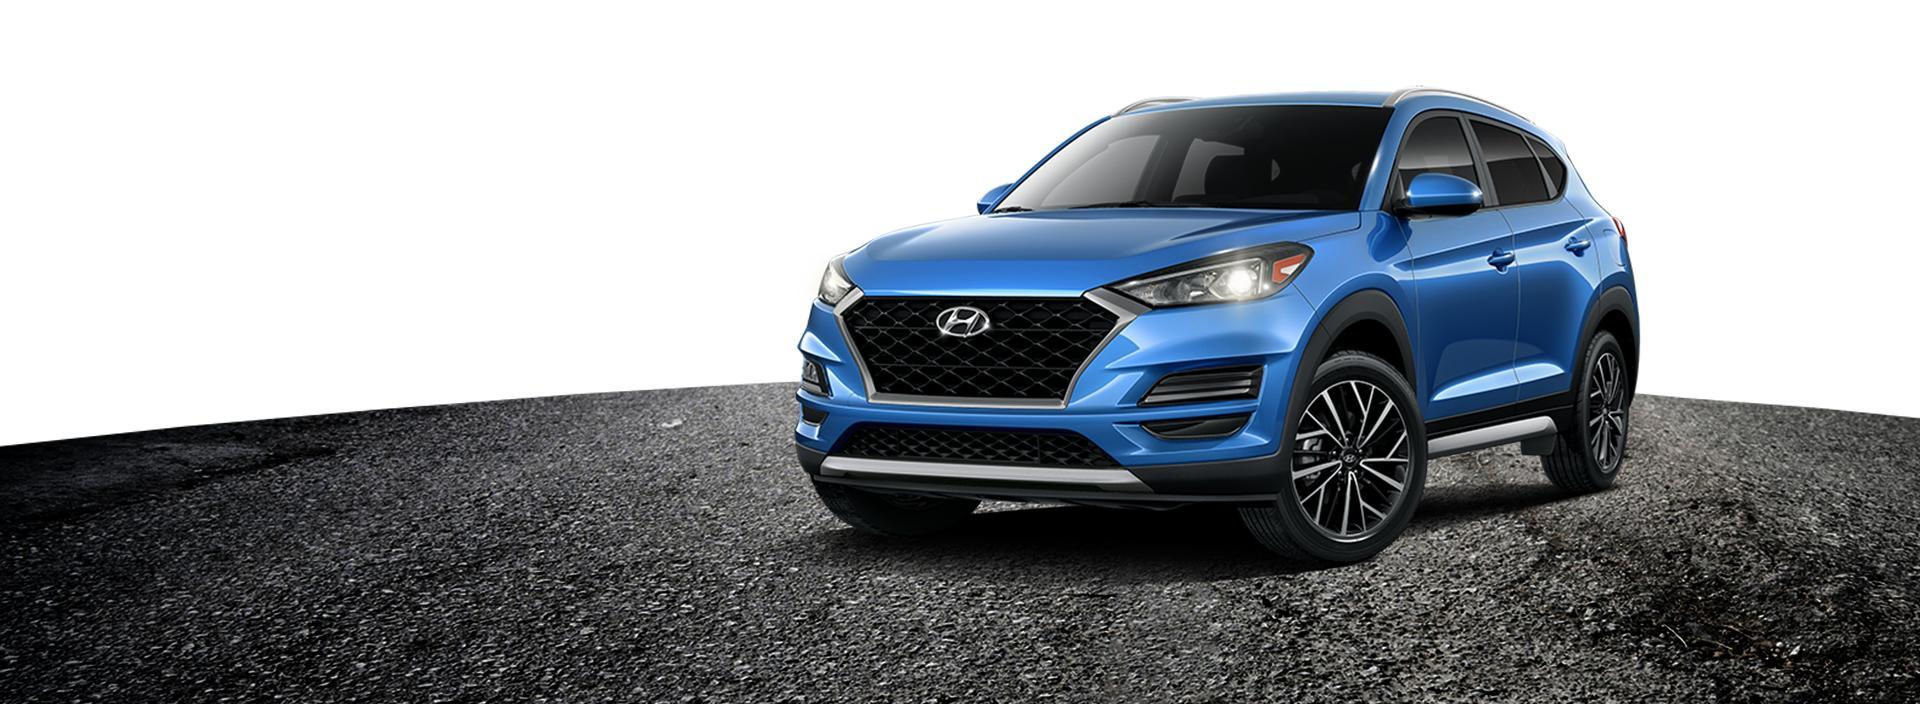 Blue 2020 Hyundai Tucson